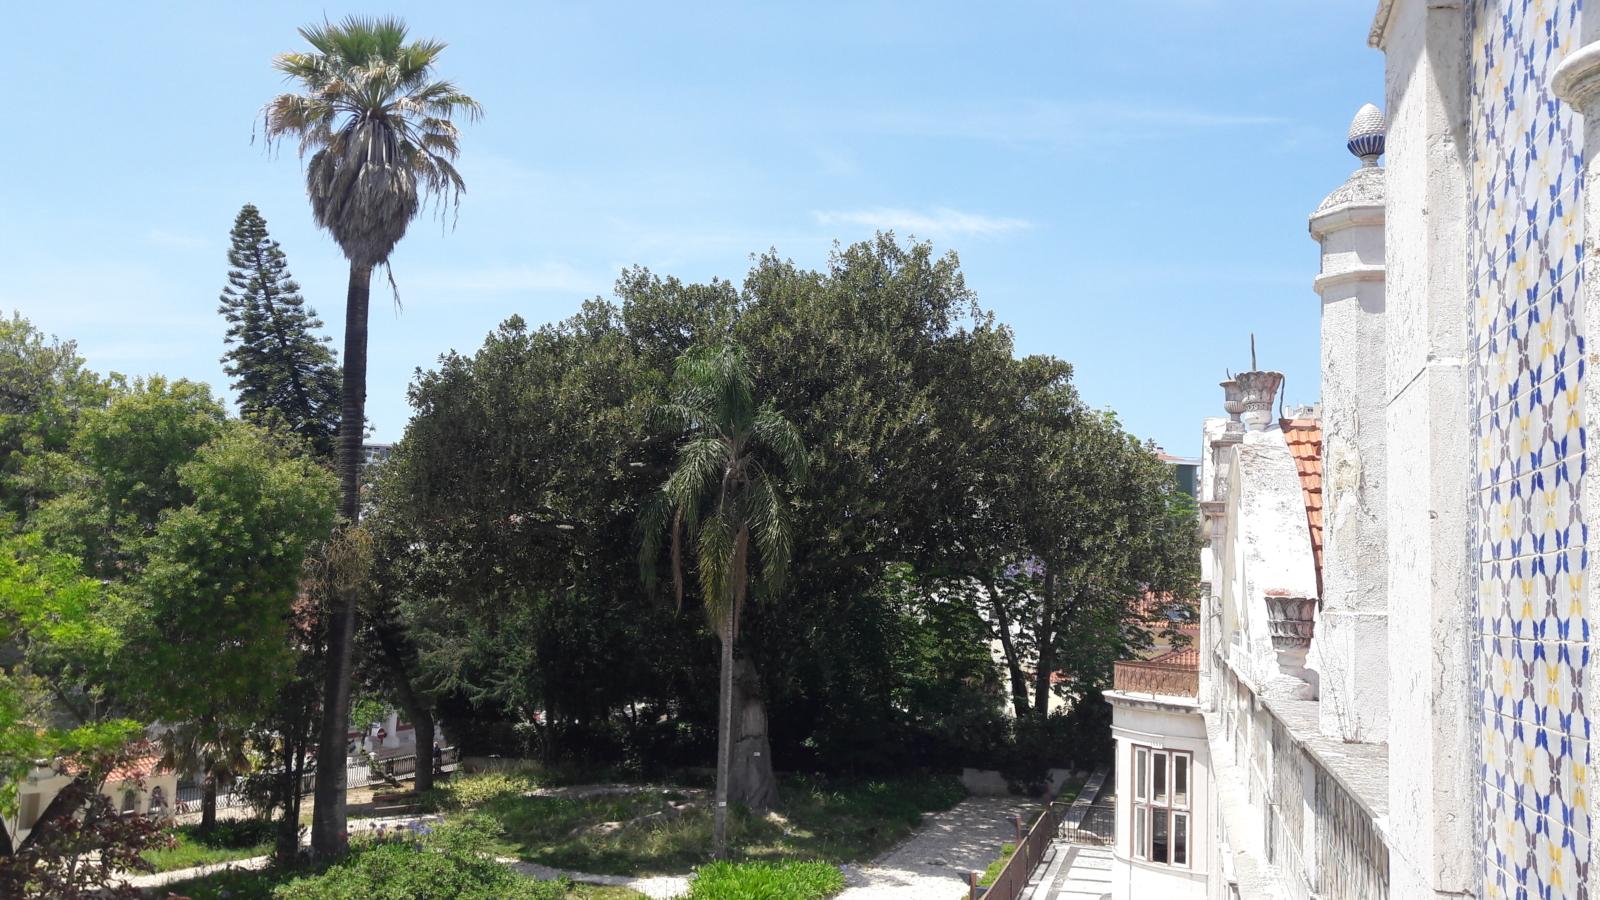 Jardim do Palácio do Beau SéjourPa